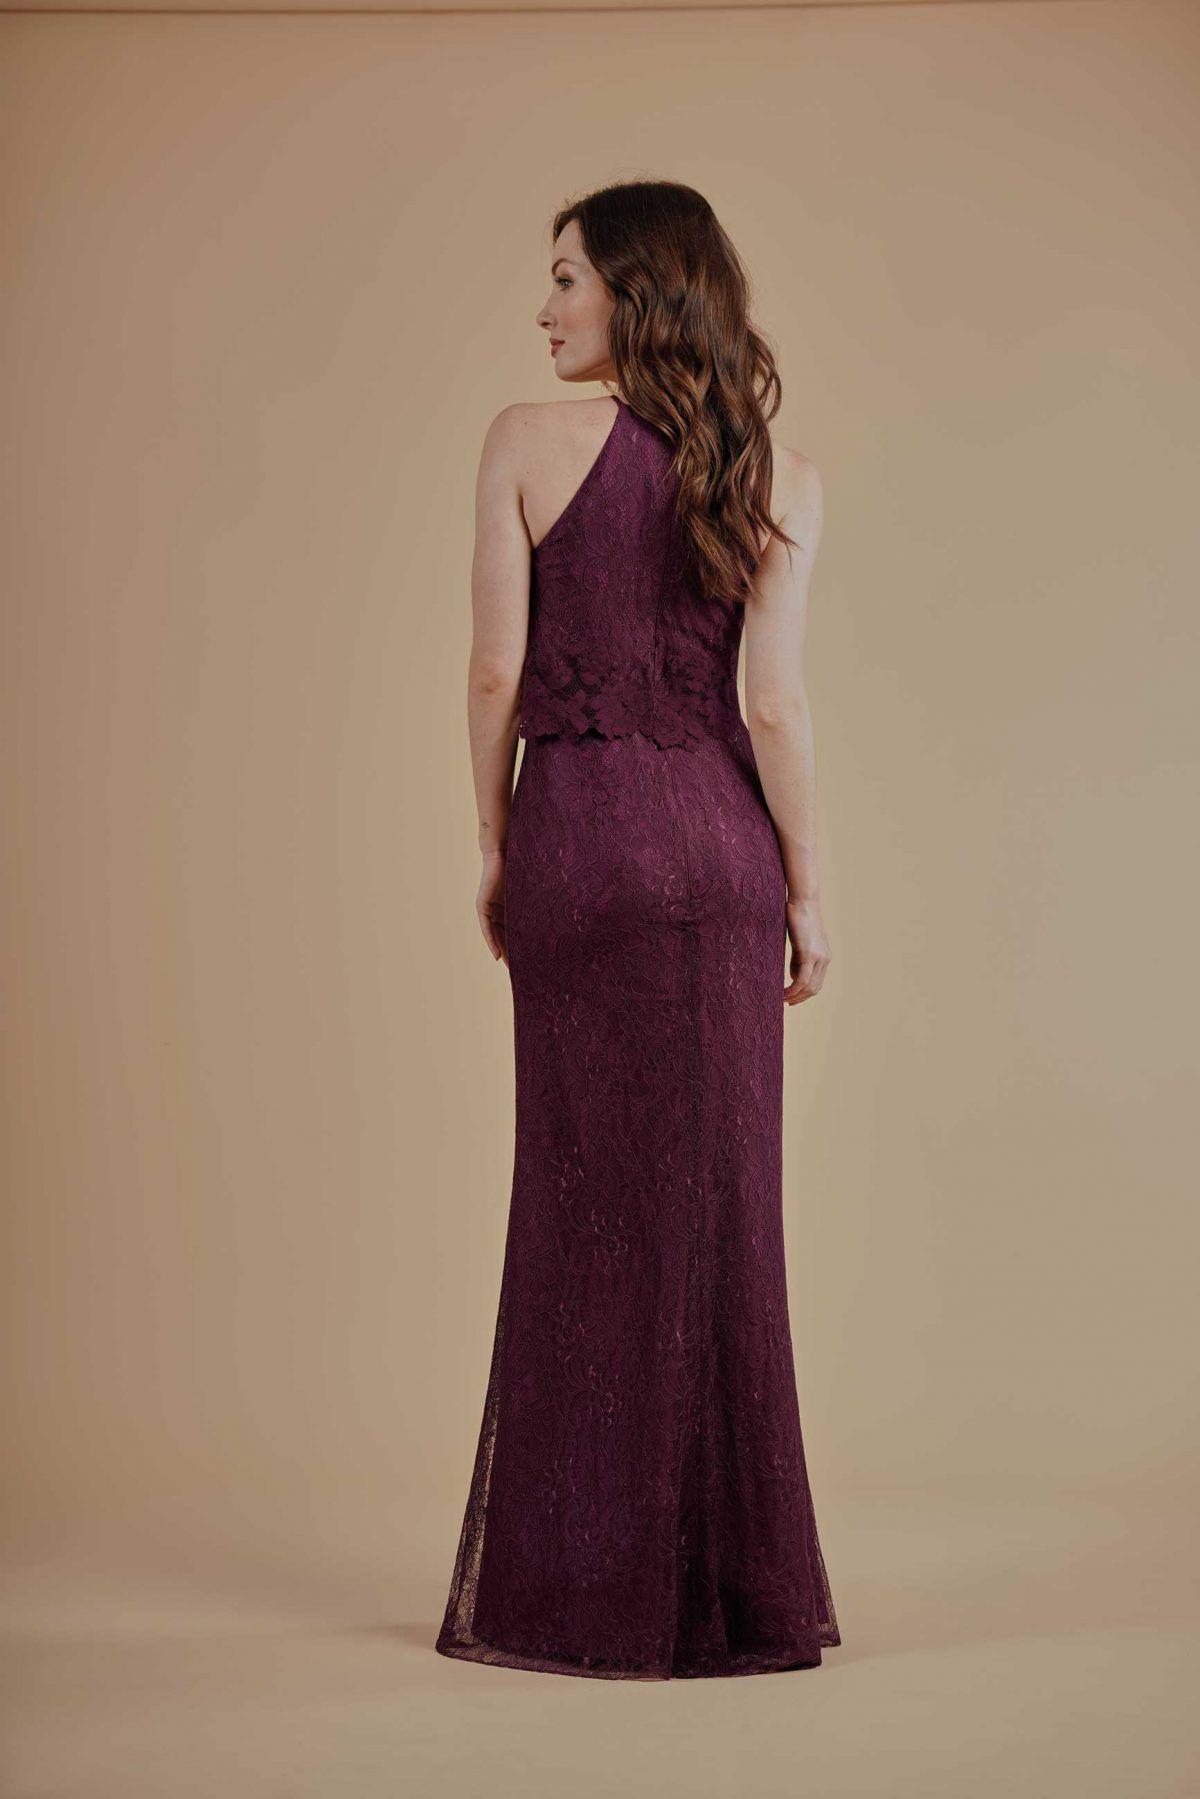 Top Abendkleider B SpezialgebietDesigner Fantastisch Abendkleider B Boutique